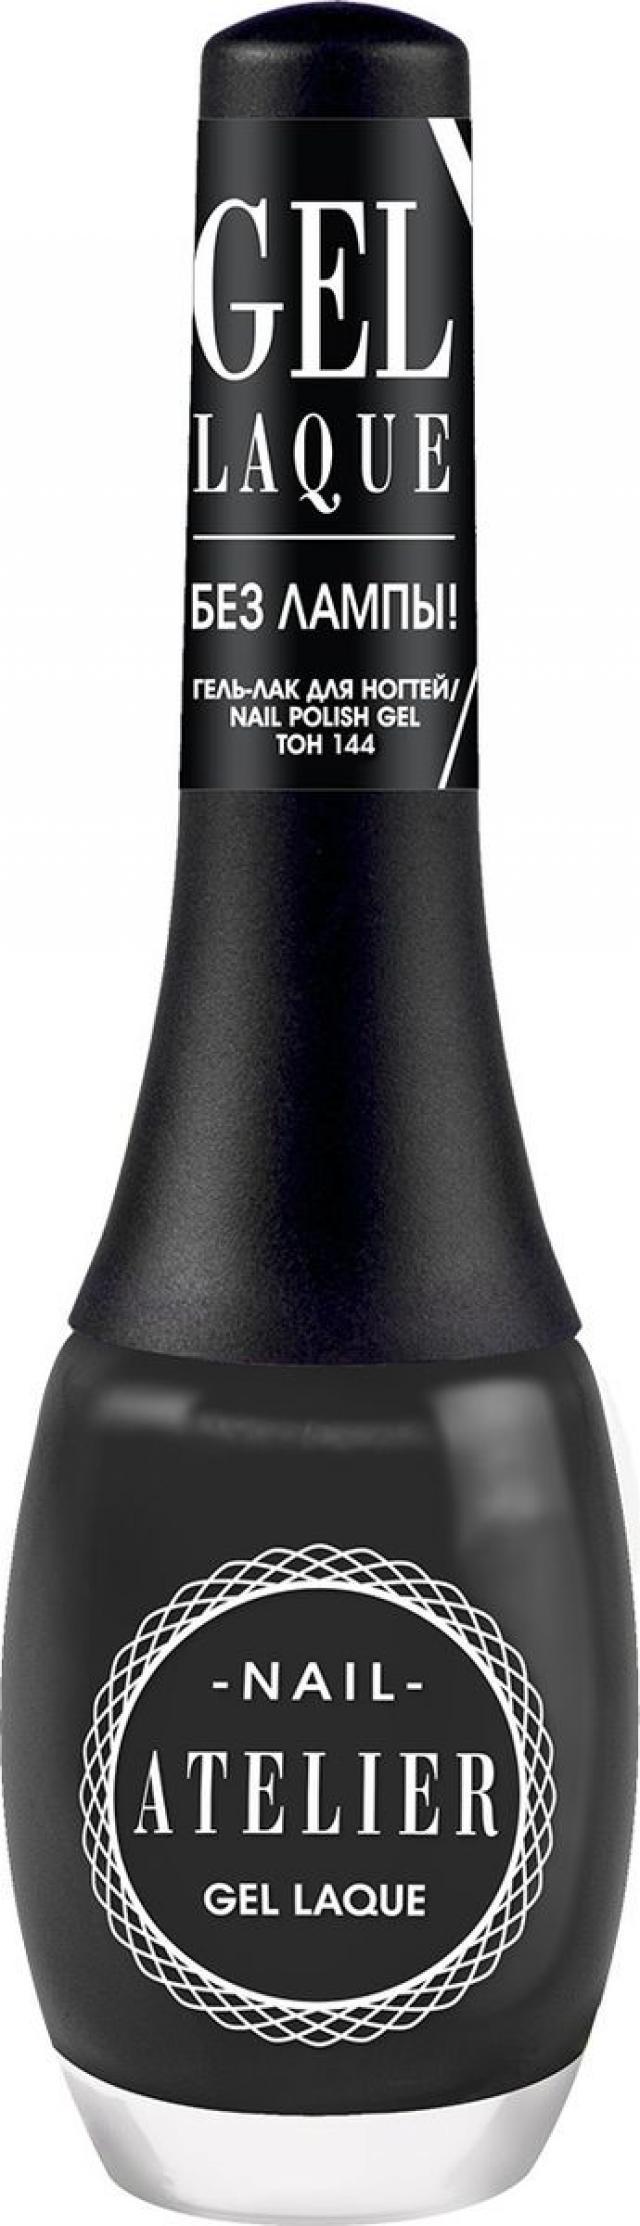 Вивьен Сабо гель-лак для ногтей т.144 купить в Москве по цене от 0 рублей